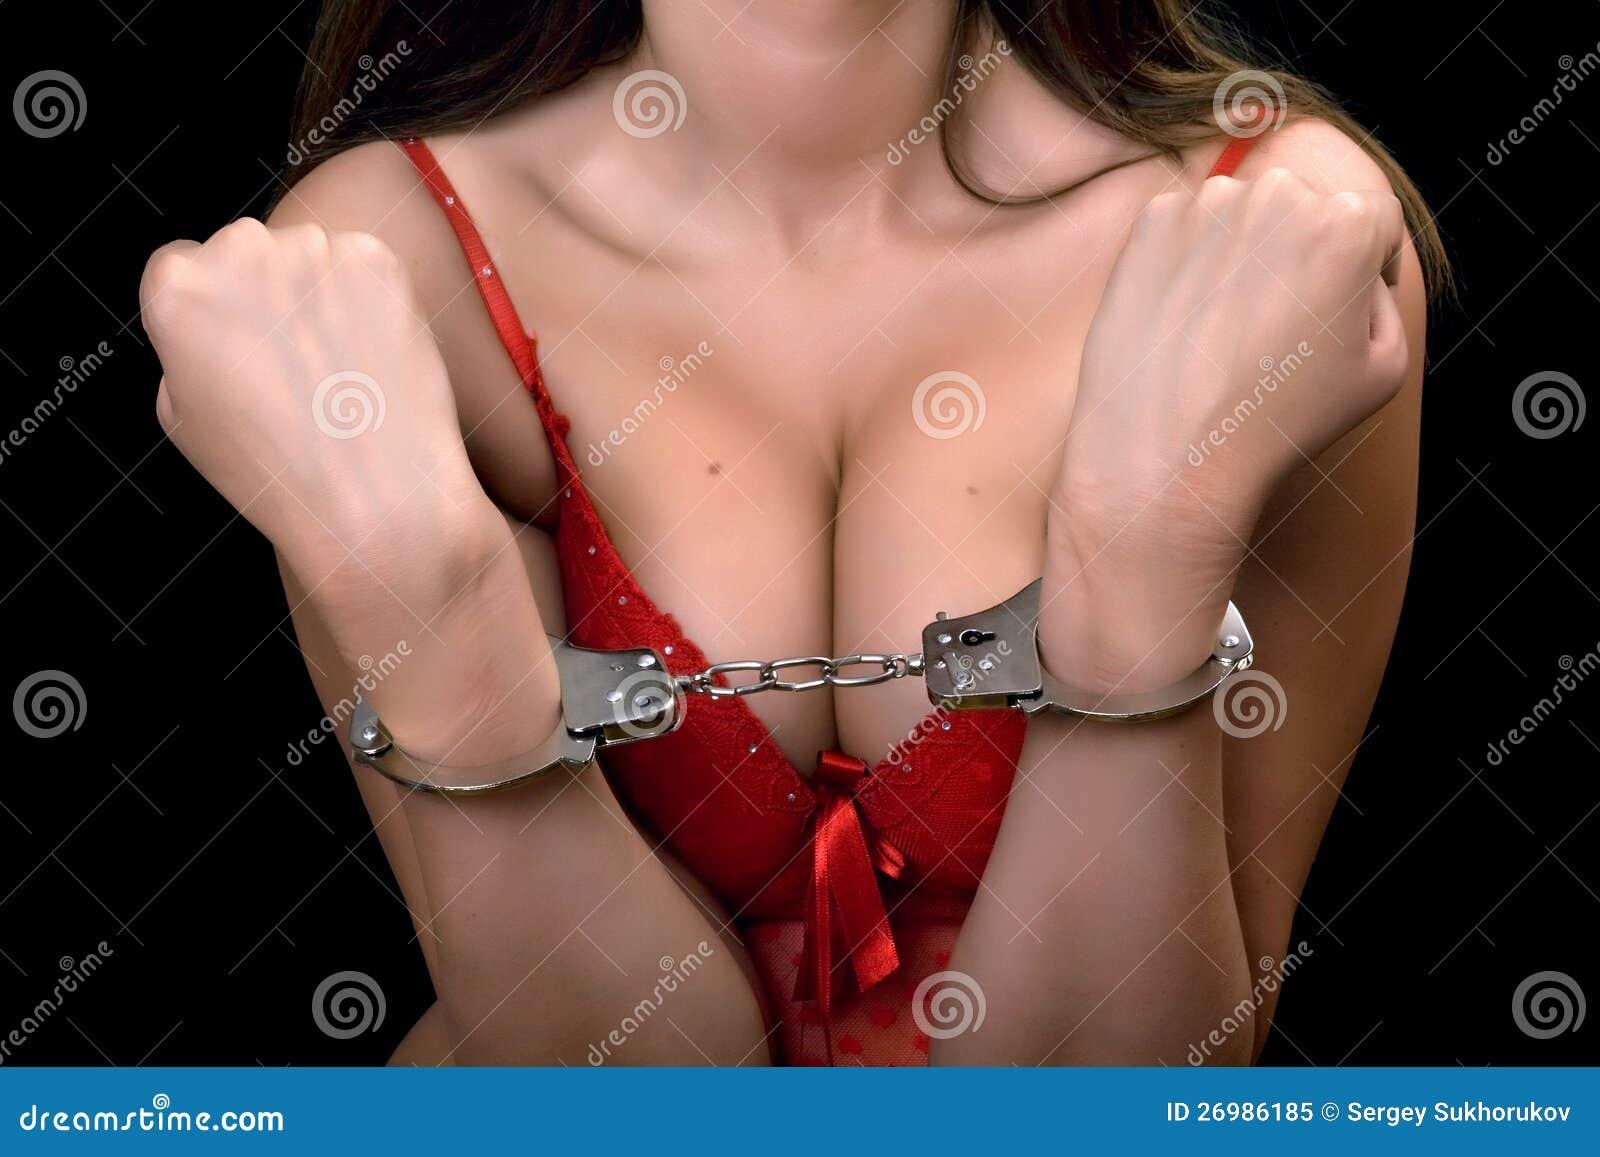 Атласе фото наручниках девушки в и